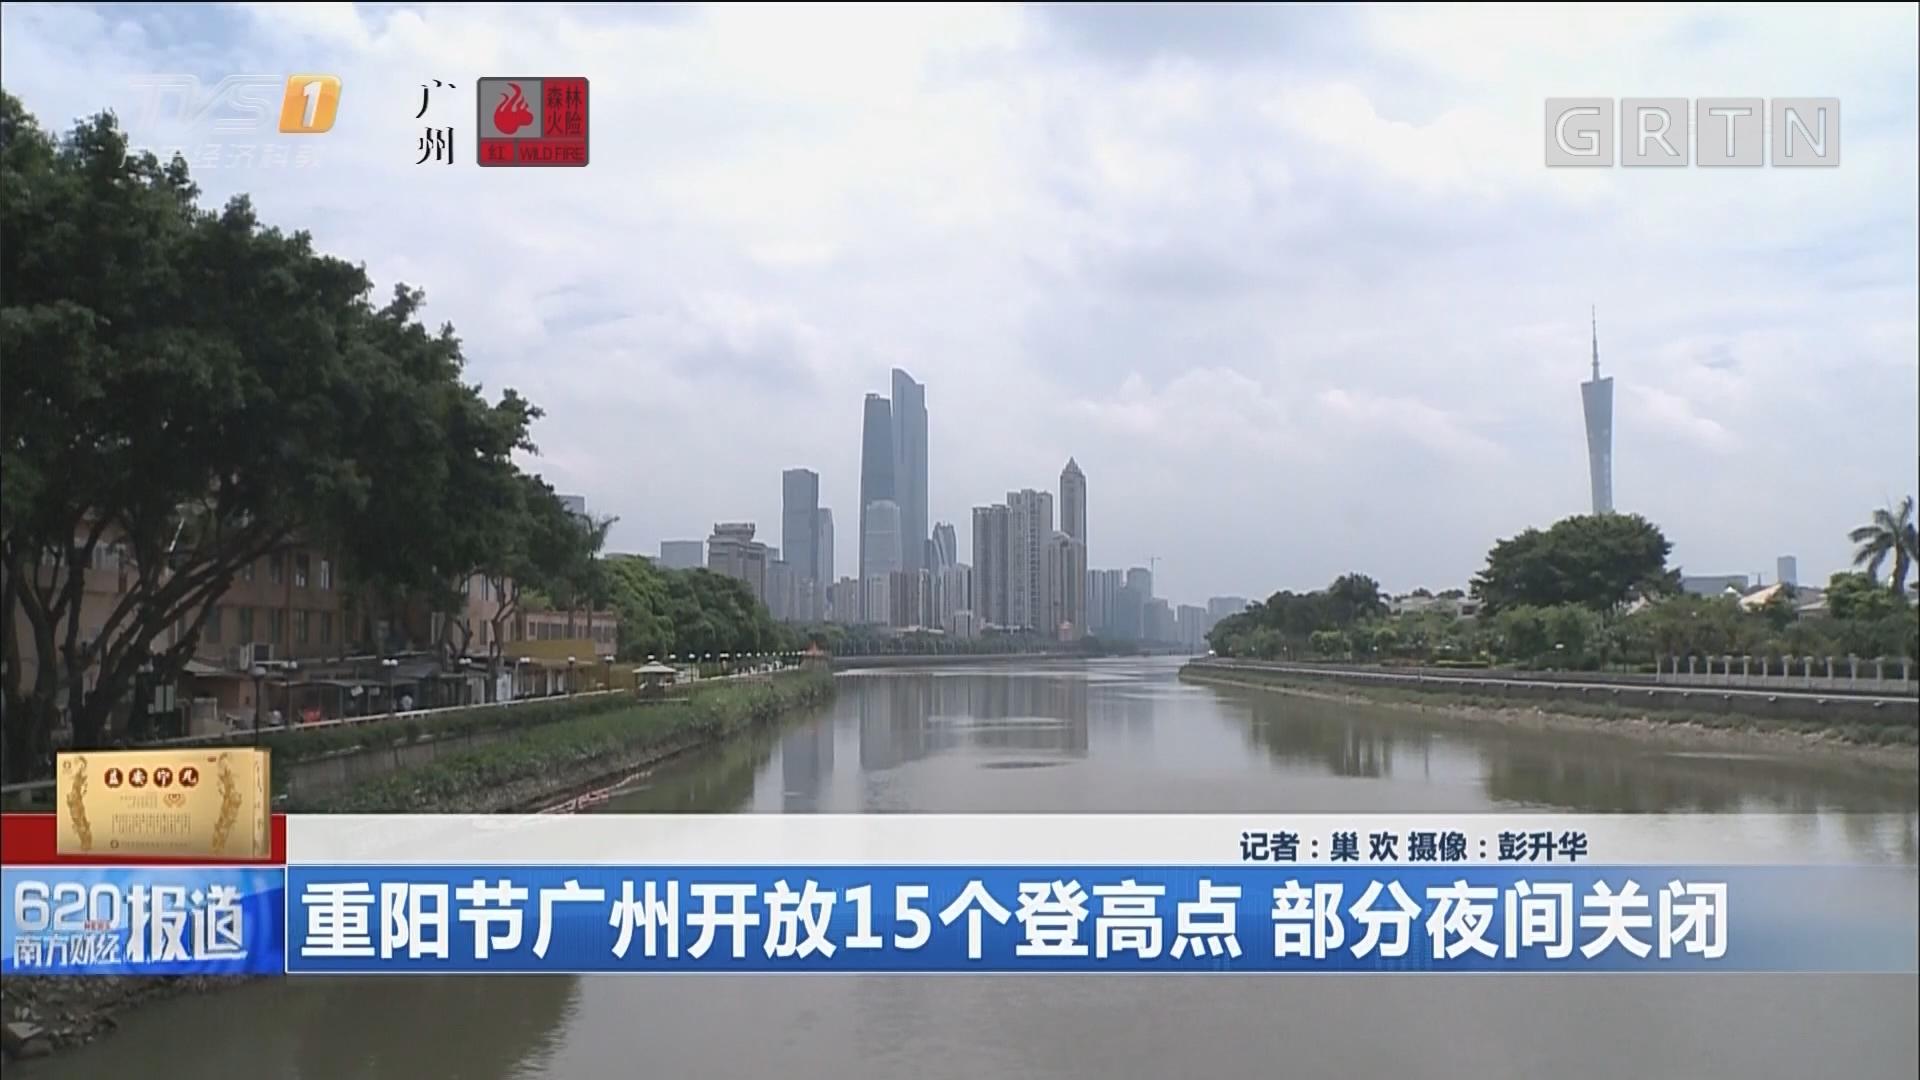 重阳节广州开放15个登高点 部分夜间关闭